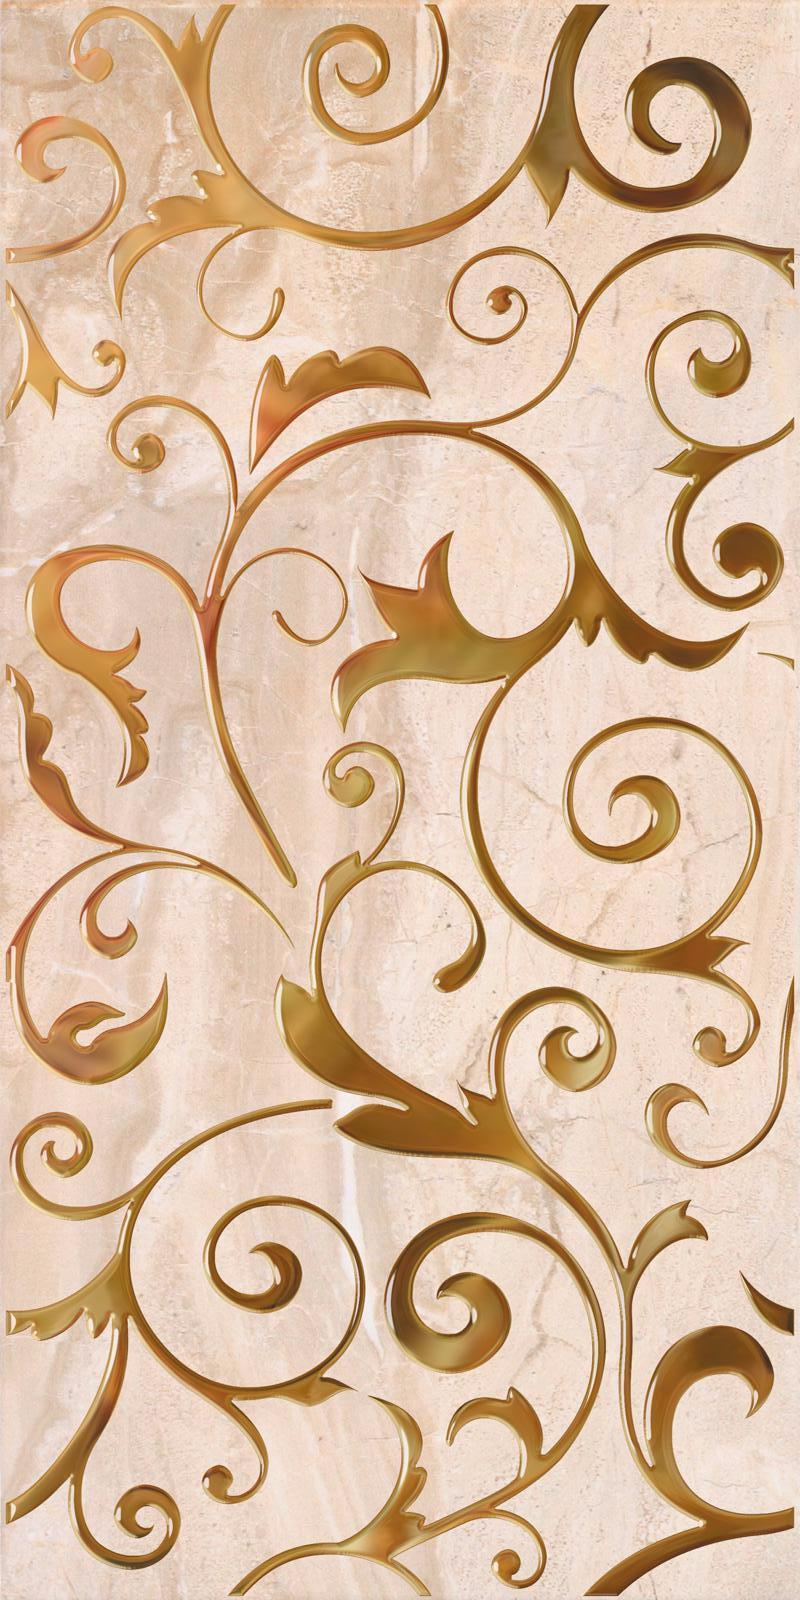 Купить Керамическая плитка Almera Ibero Decor Beige декор 31, 6х60, Испания